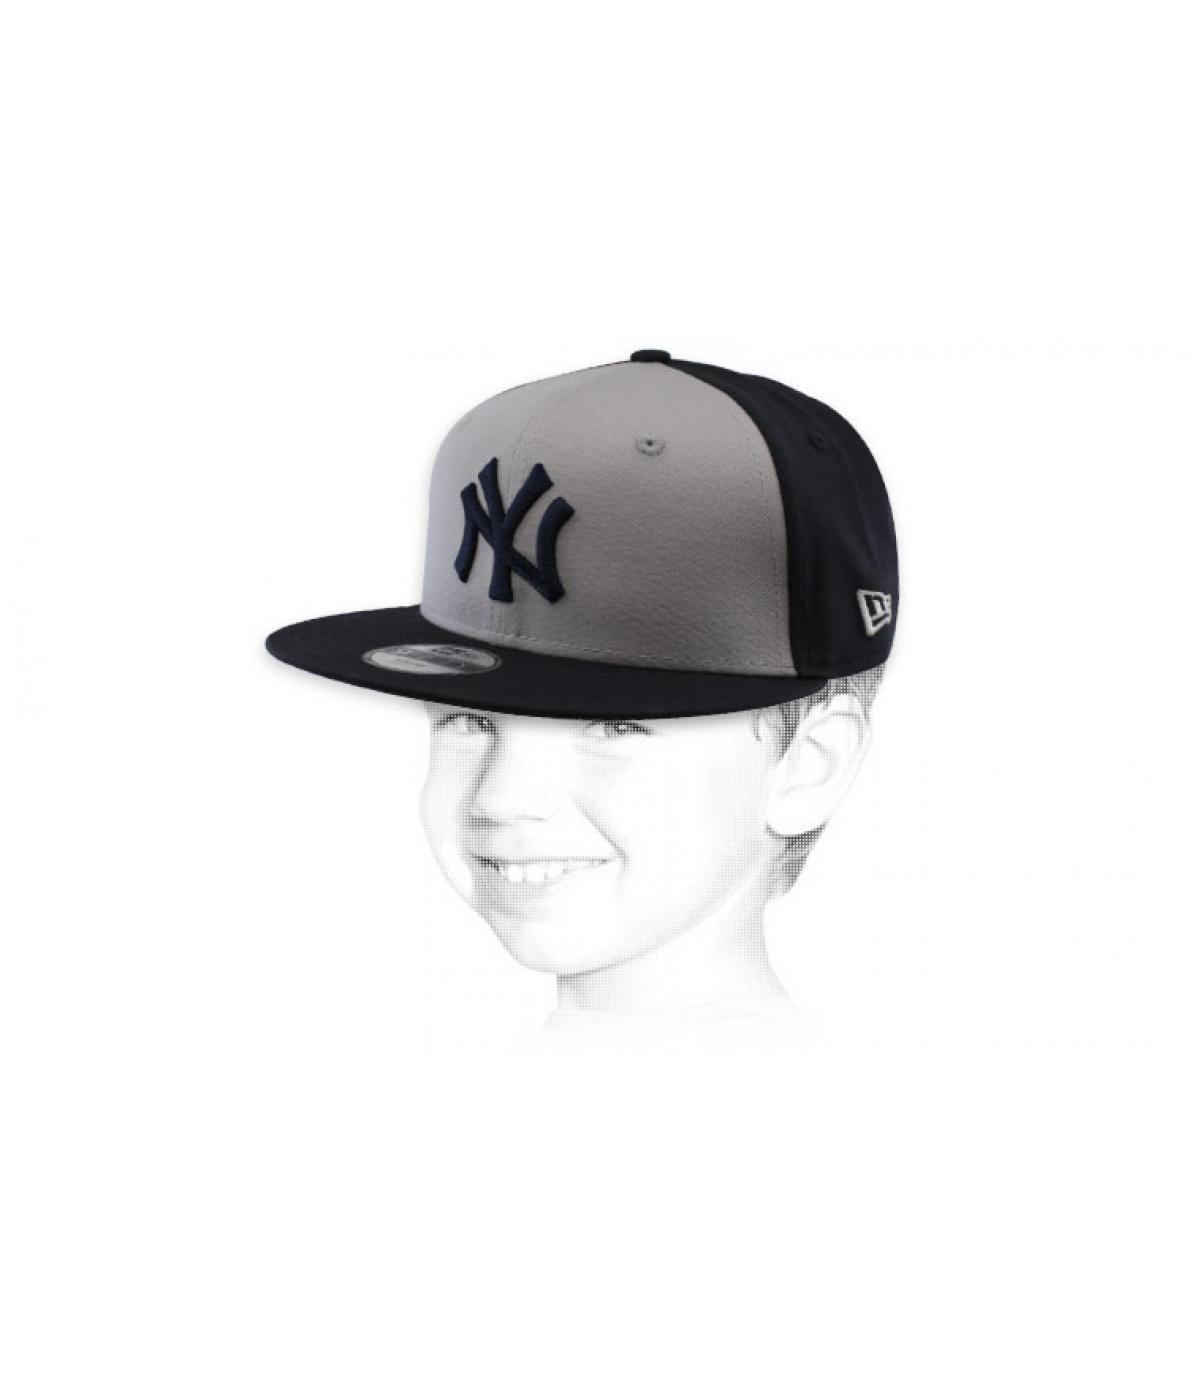 Kinder Snapback NY grau schwarz